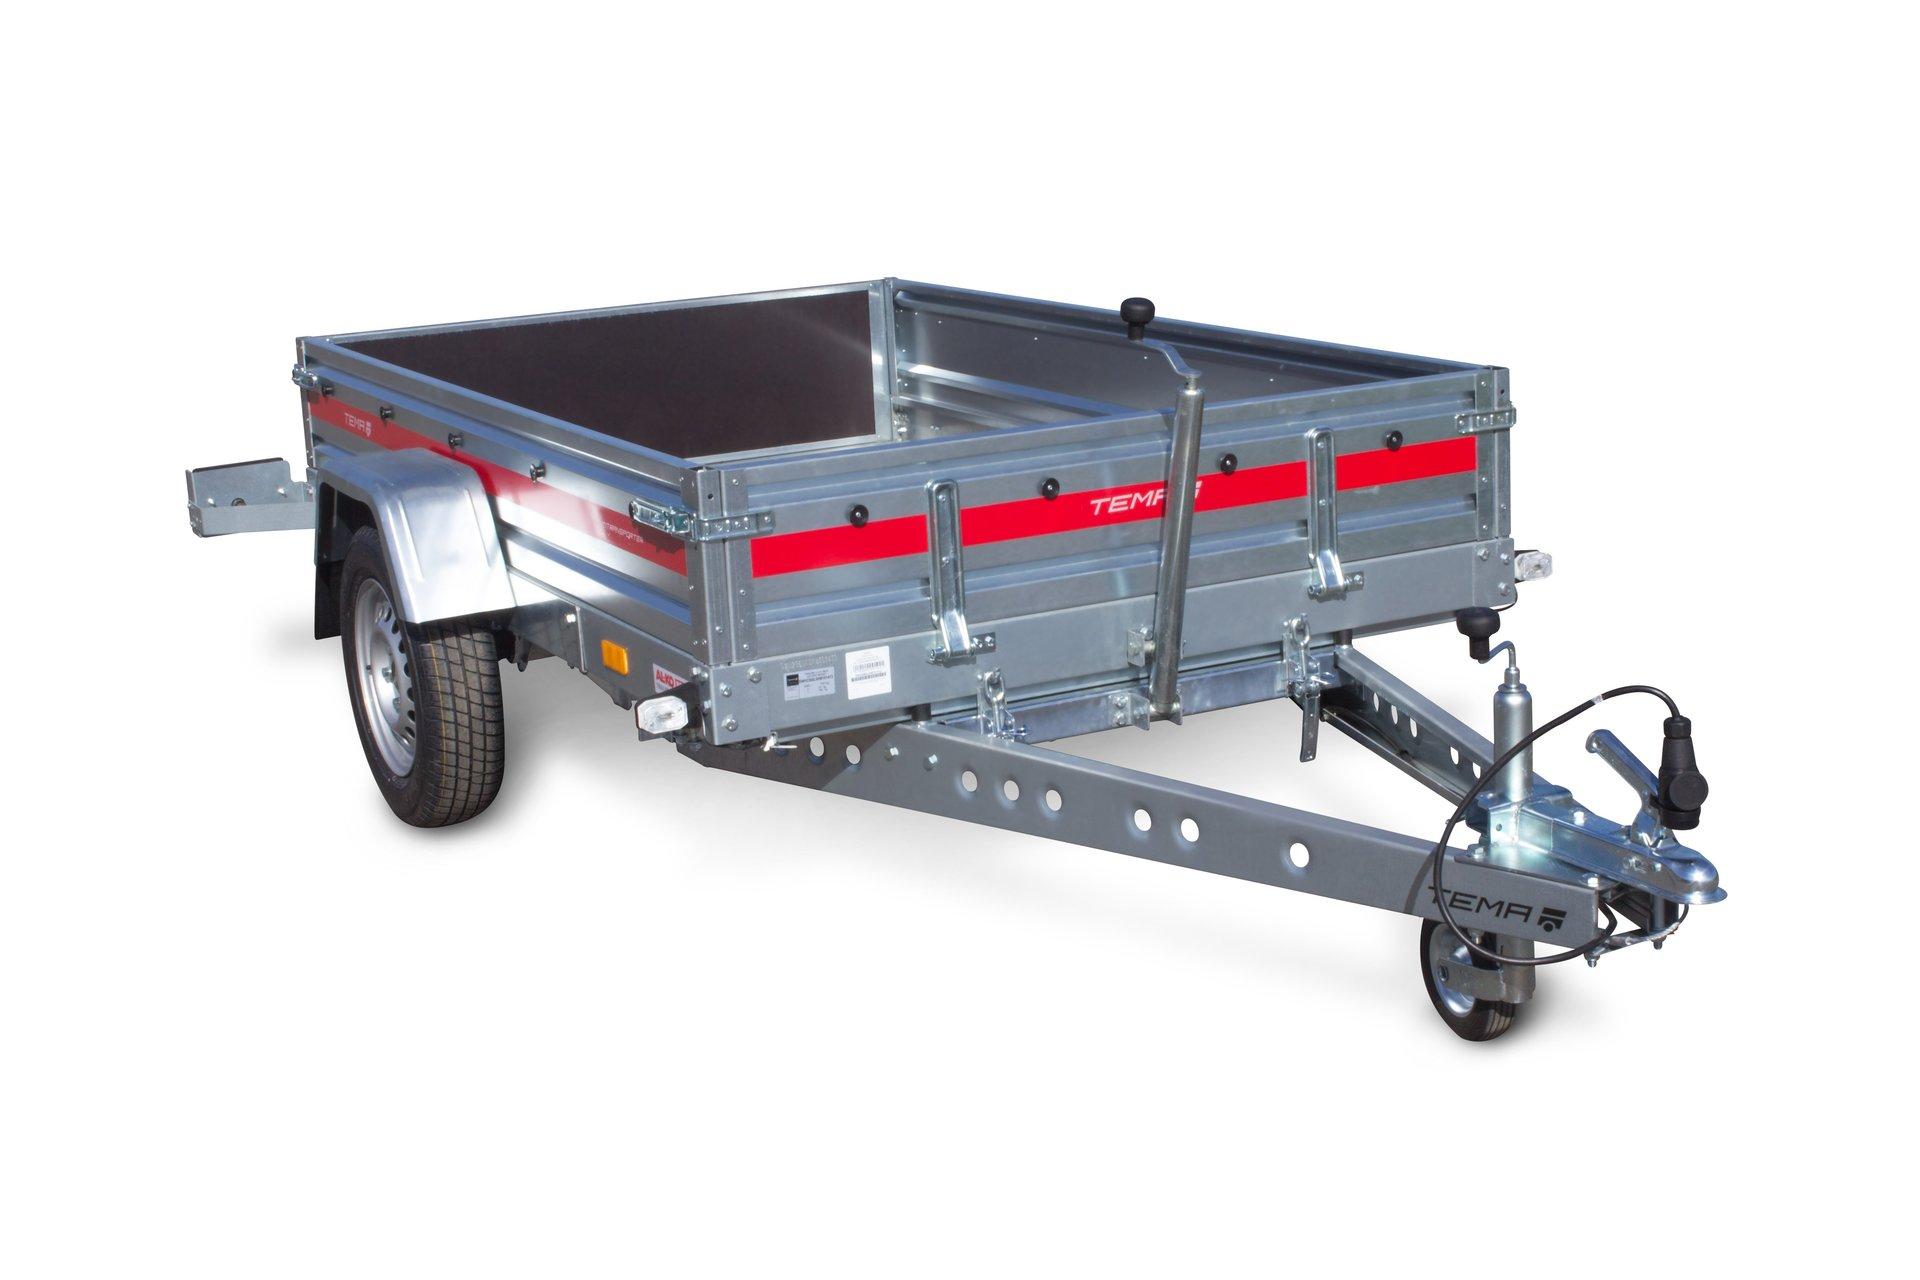 transportanh nger temared f r klein pkw quad motorrad. Black Bedroom Furniture Sets. Home Design Ideas